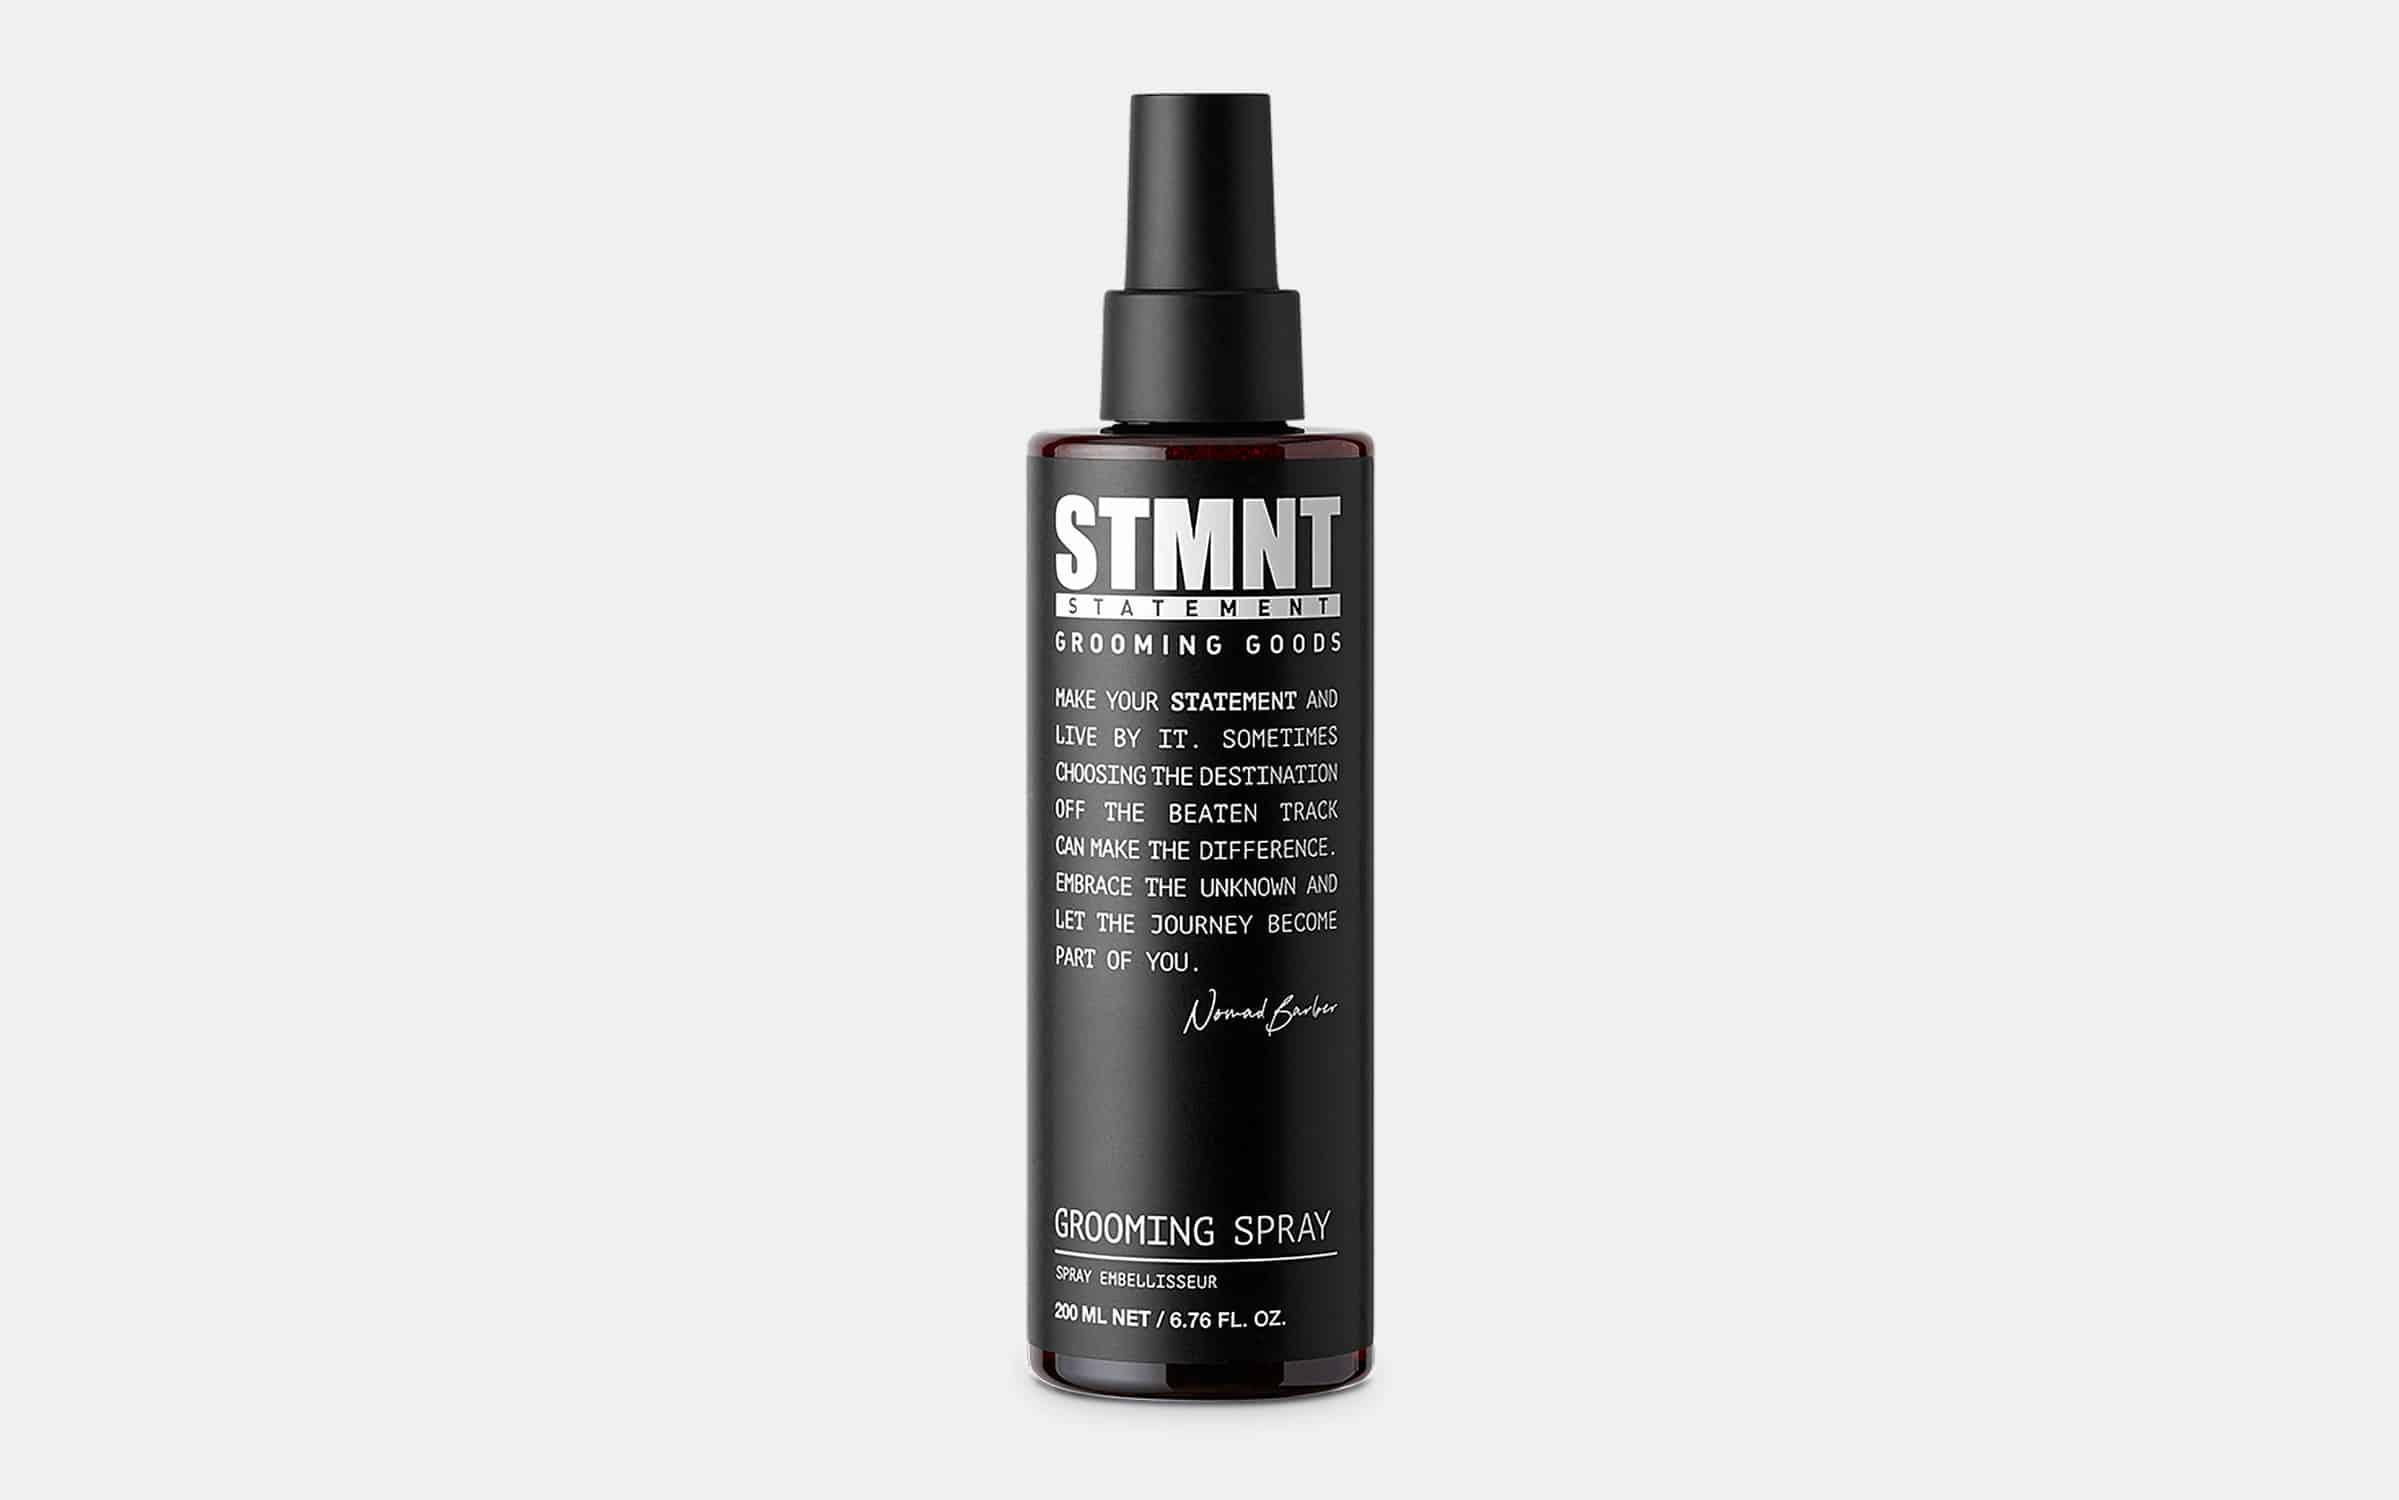 STMNT Grooming Goods Grooming Spray